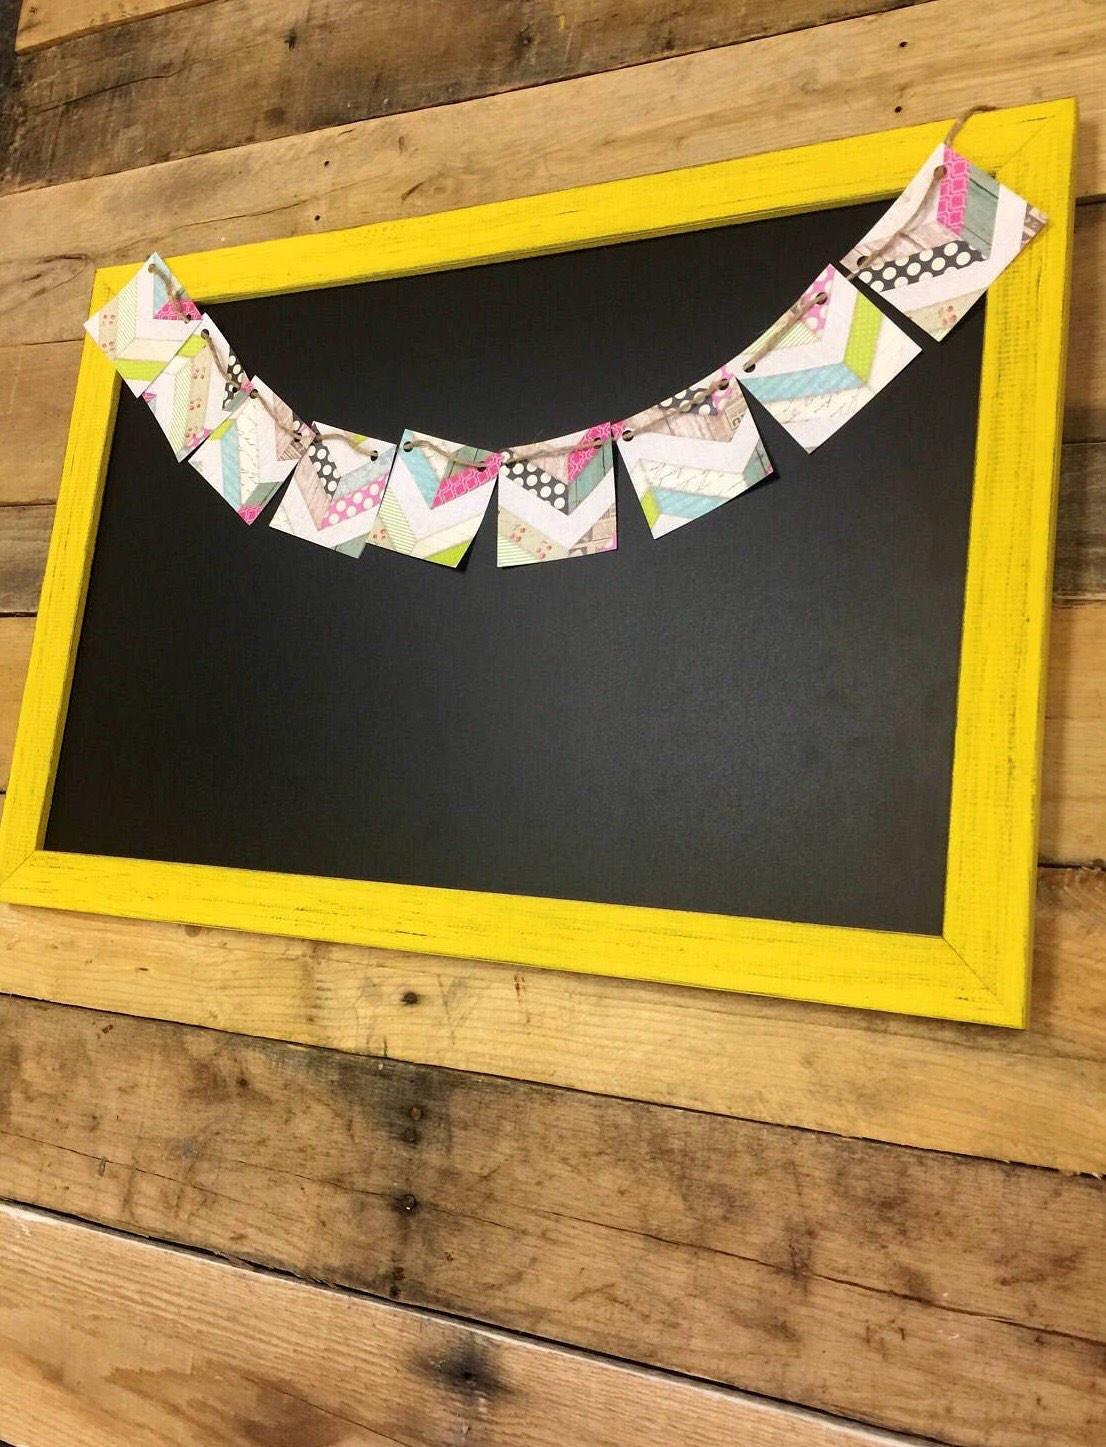 Yellow Chalkboard-Home Office Decor-Office Chalkboard-Office